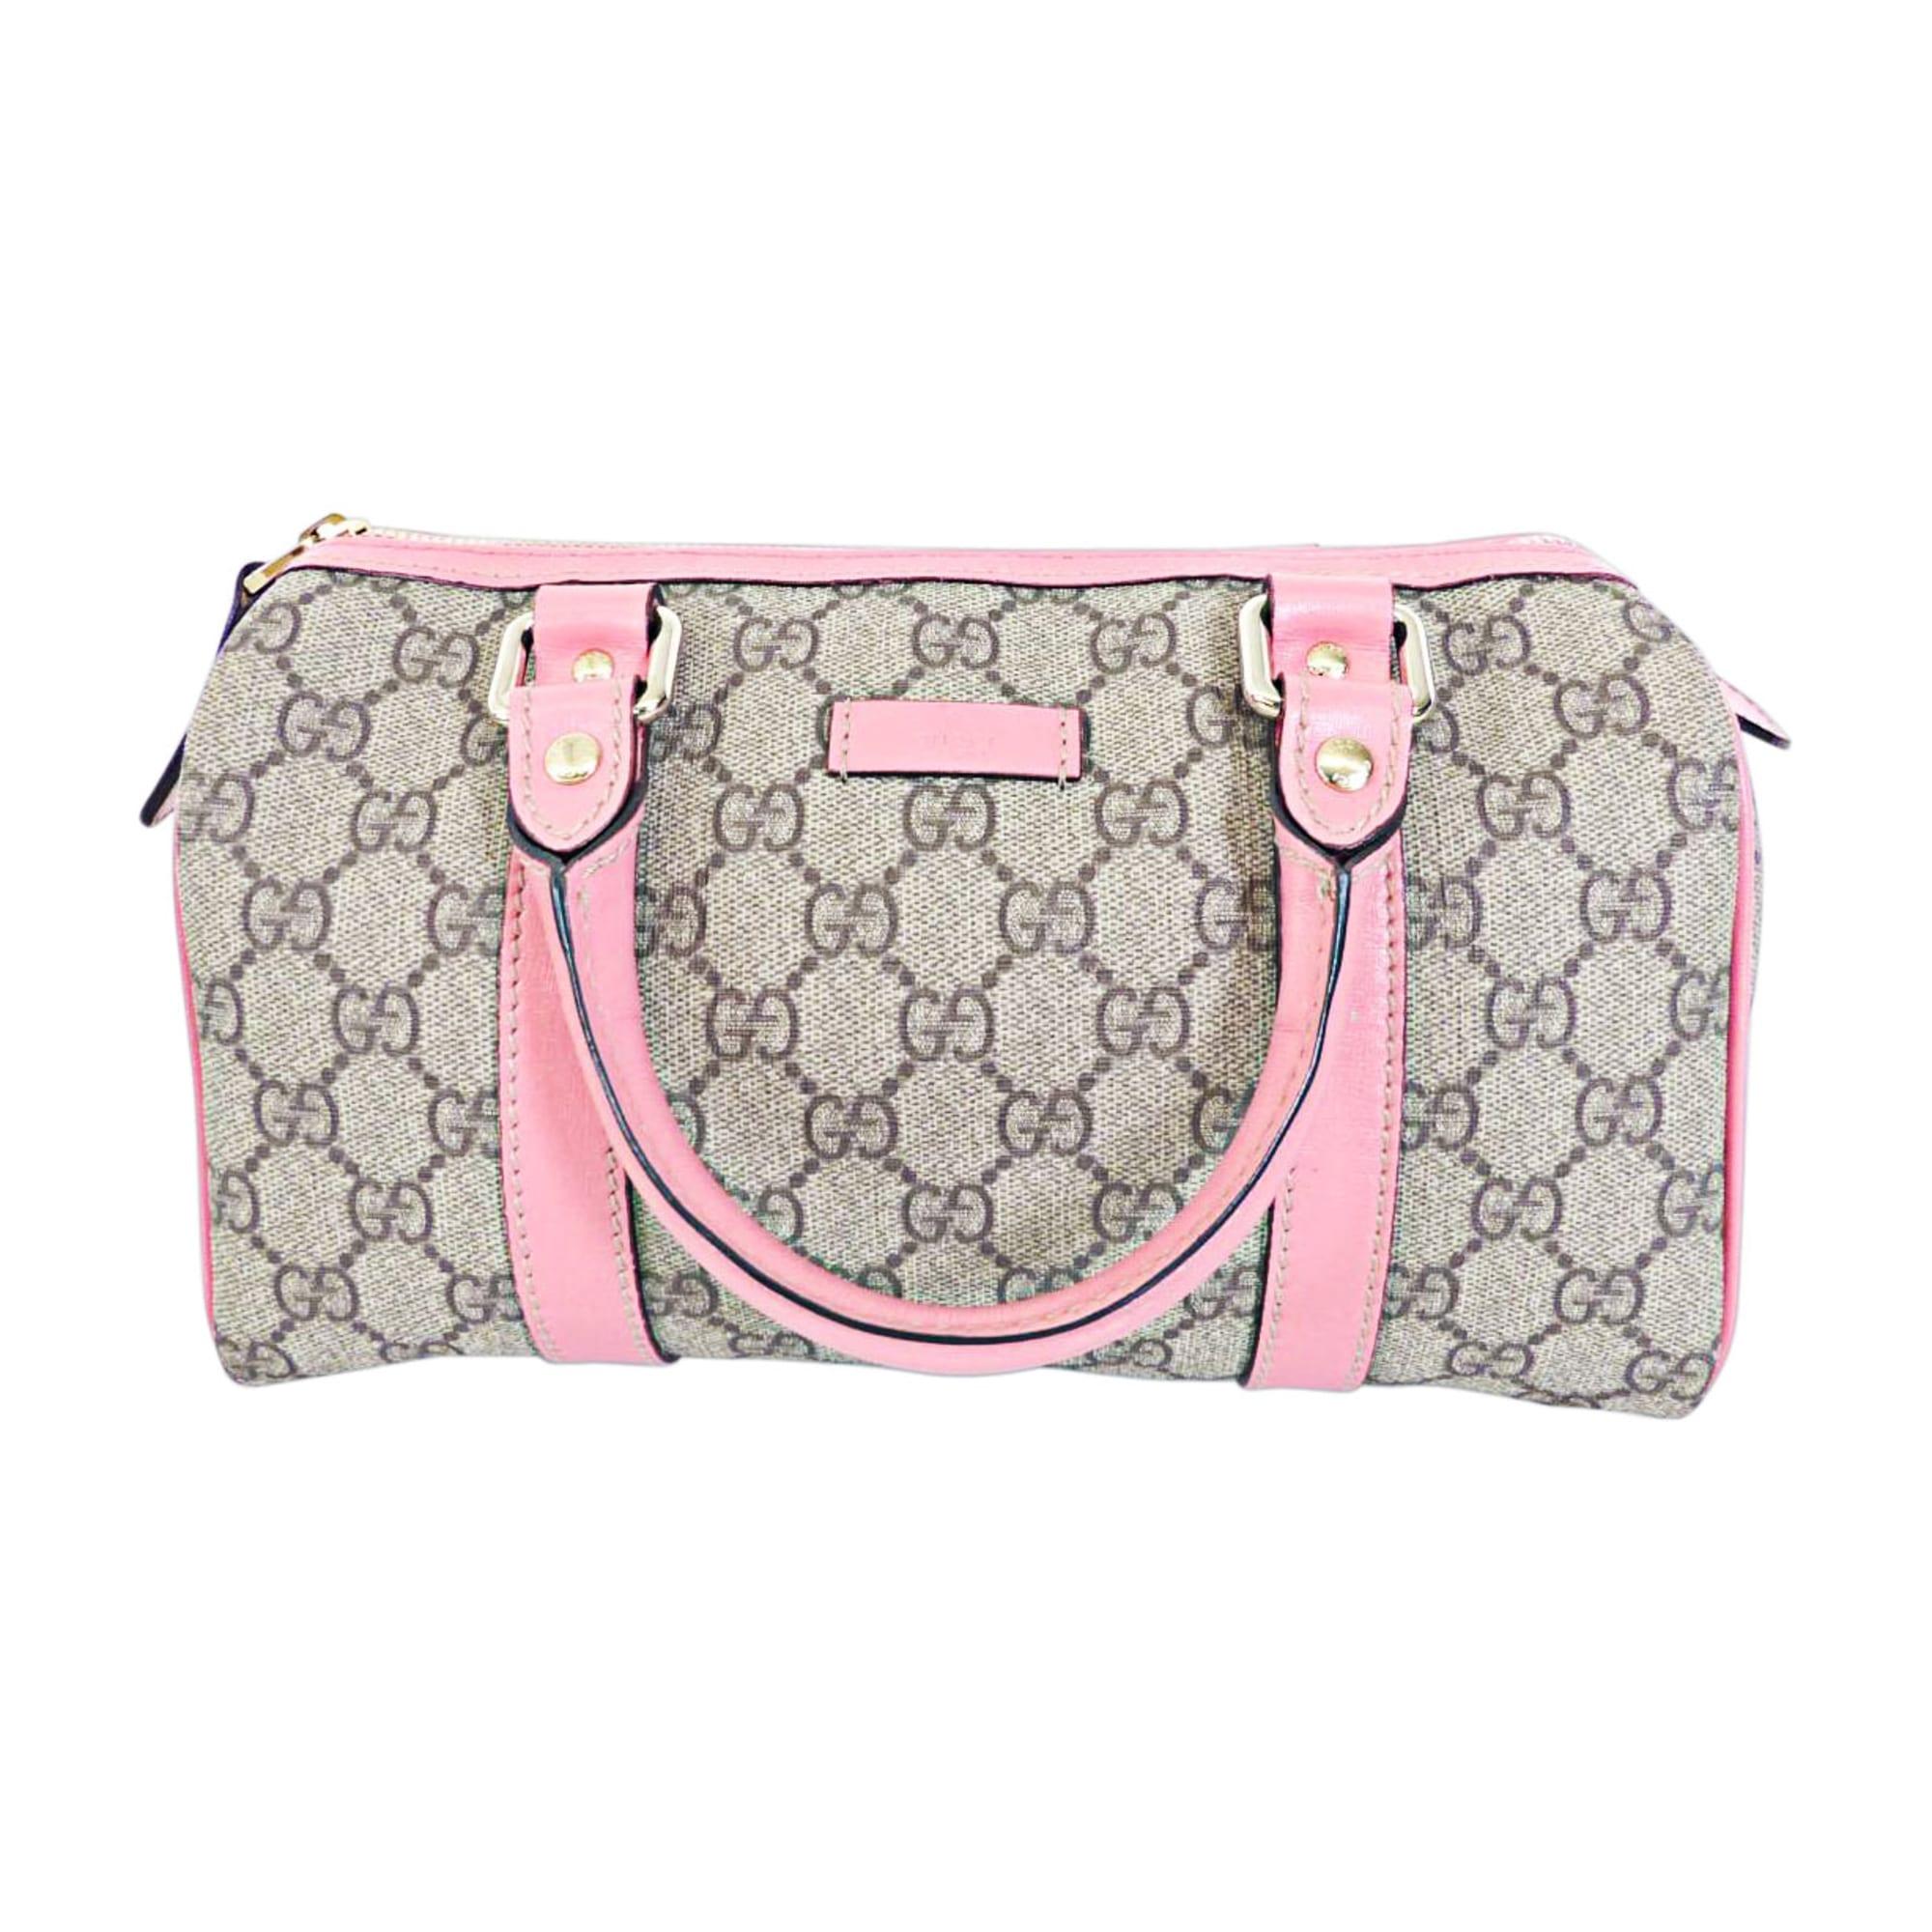 2beb98311b88 Sac à main en tissu GUCCI boston rose vendu par Lux-a-porter - 4558826